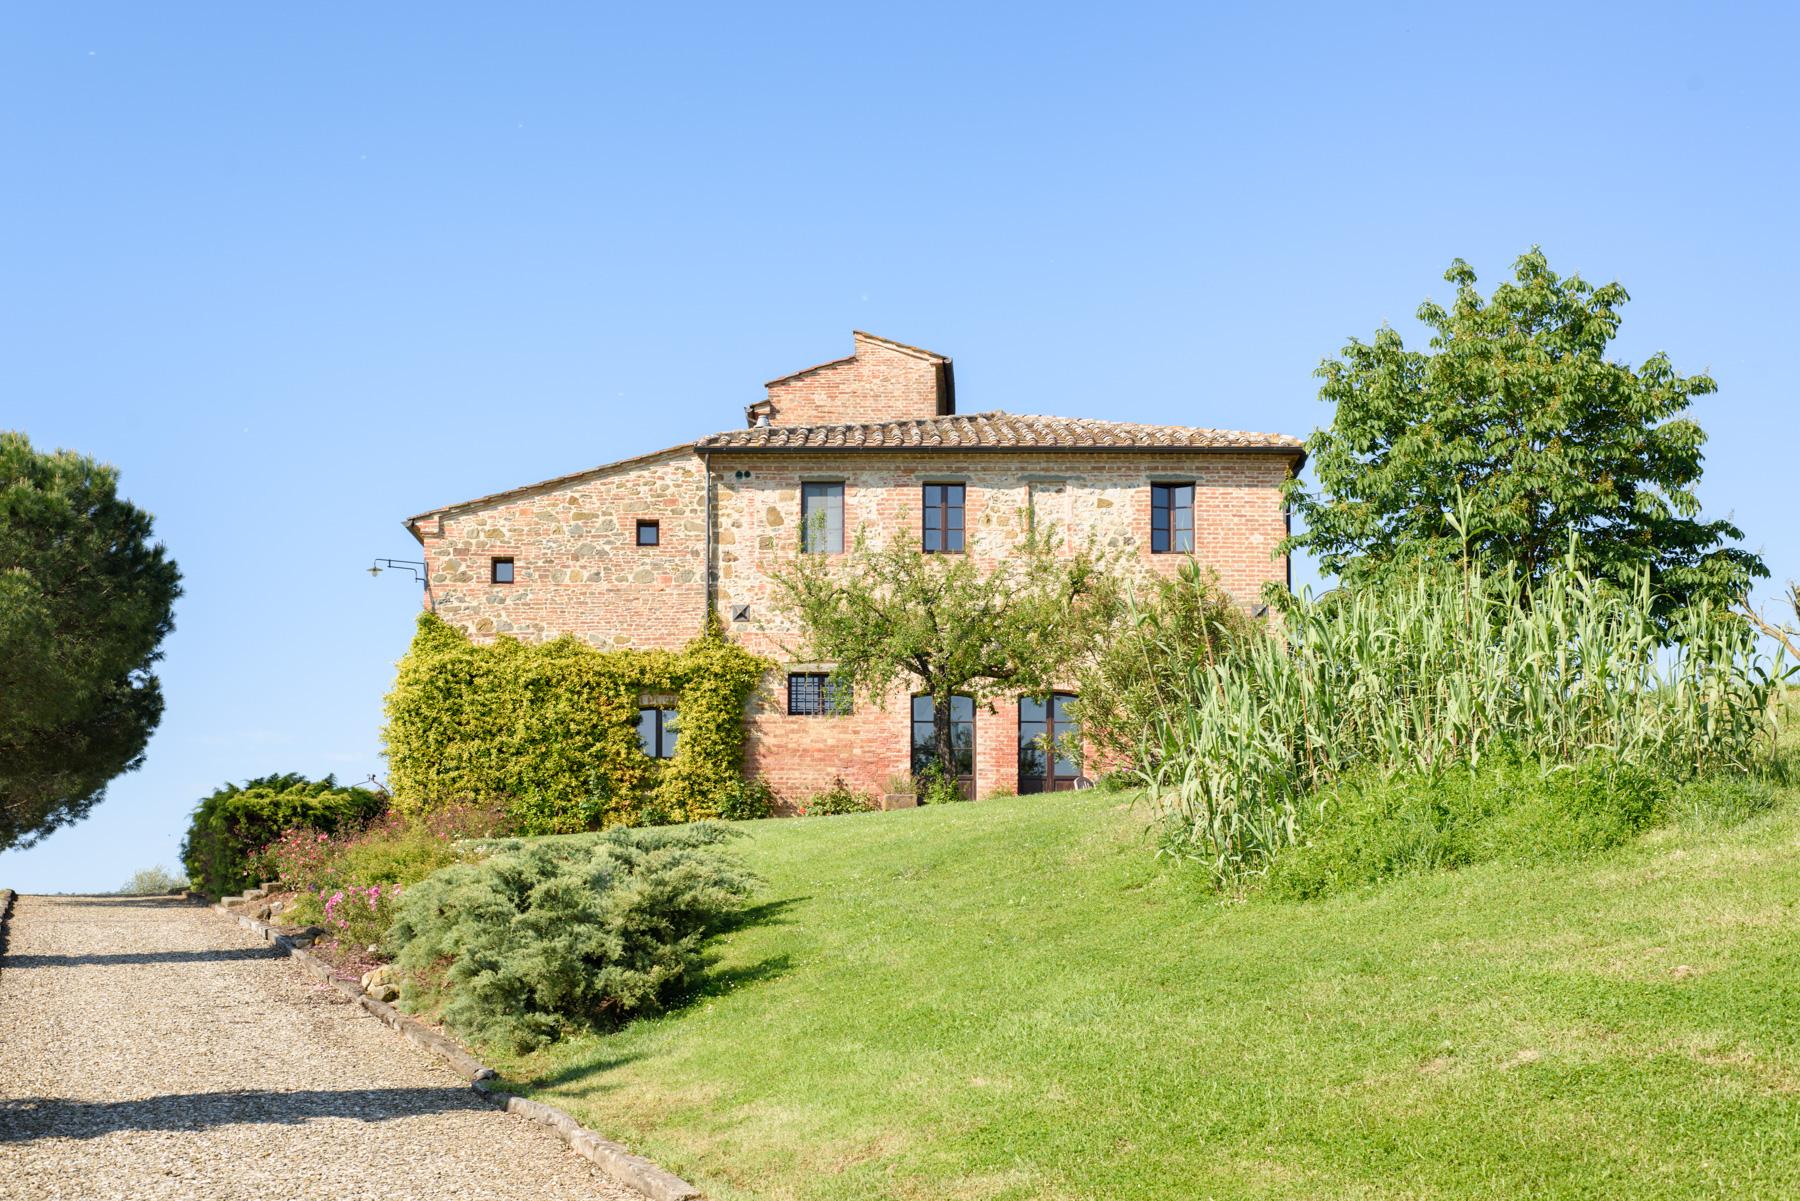 Villa in Vendita a Siena: 5 locali, 1300 mq - Foto 7